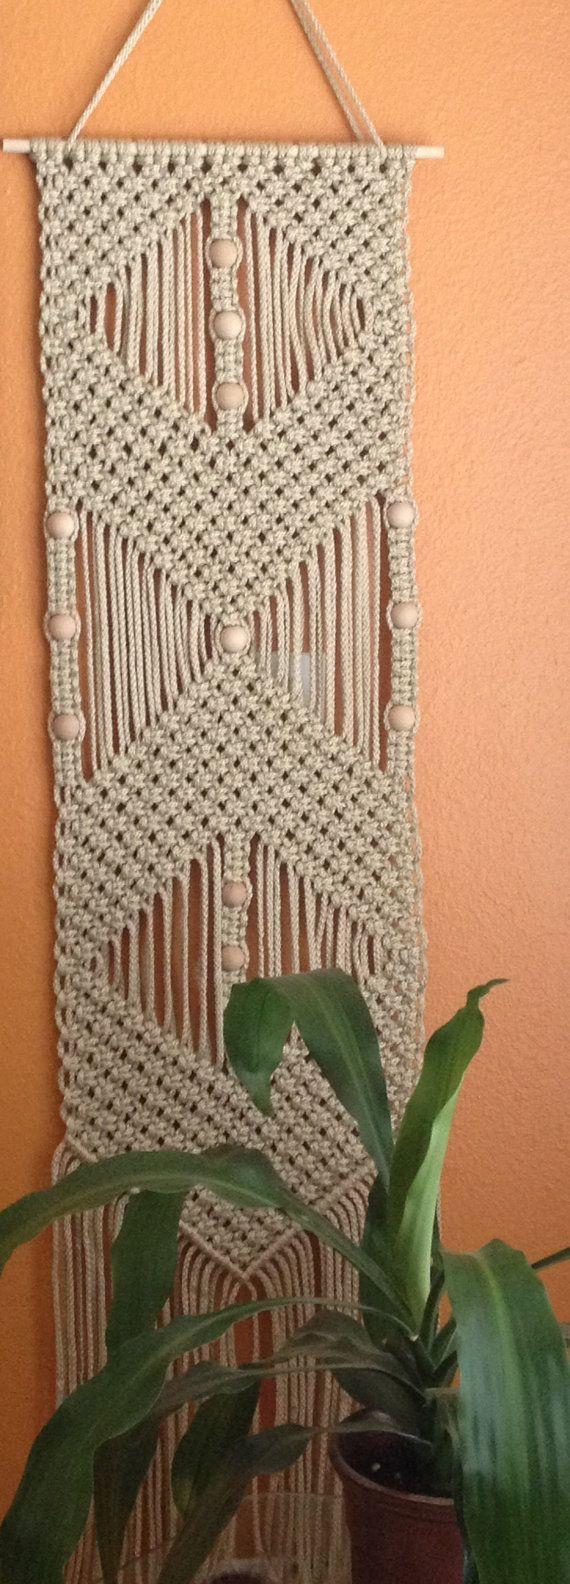 Macrame pared que cuelga decoración de la casa de Macrame